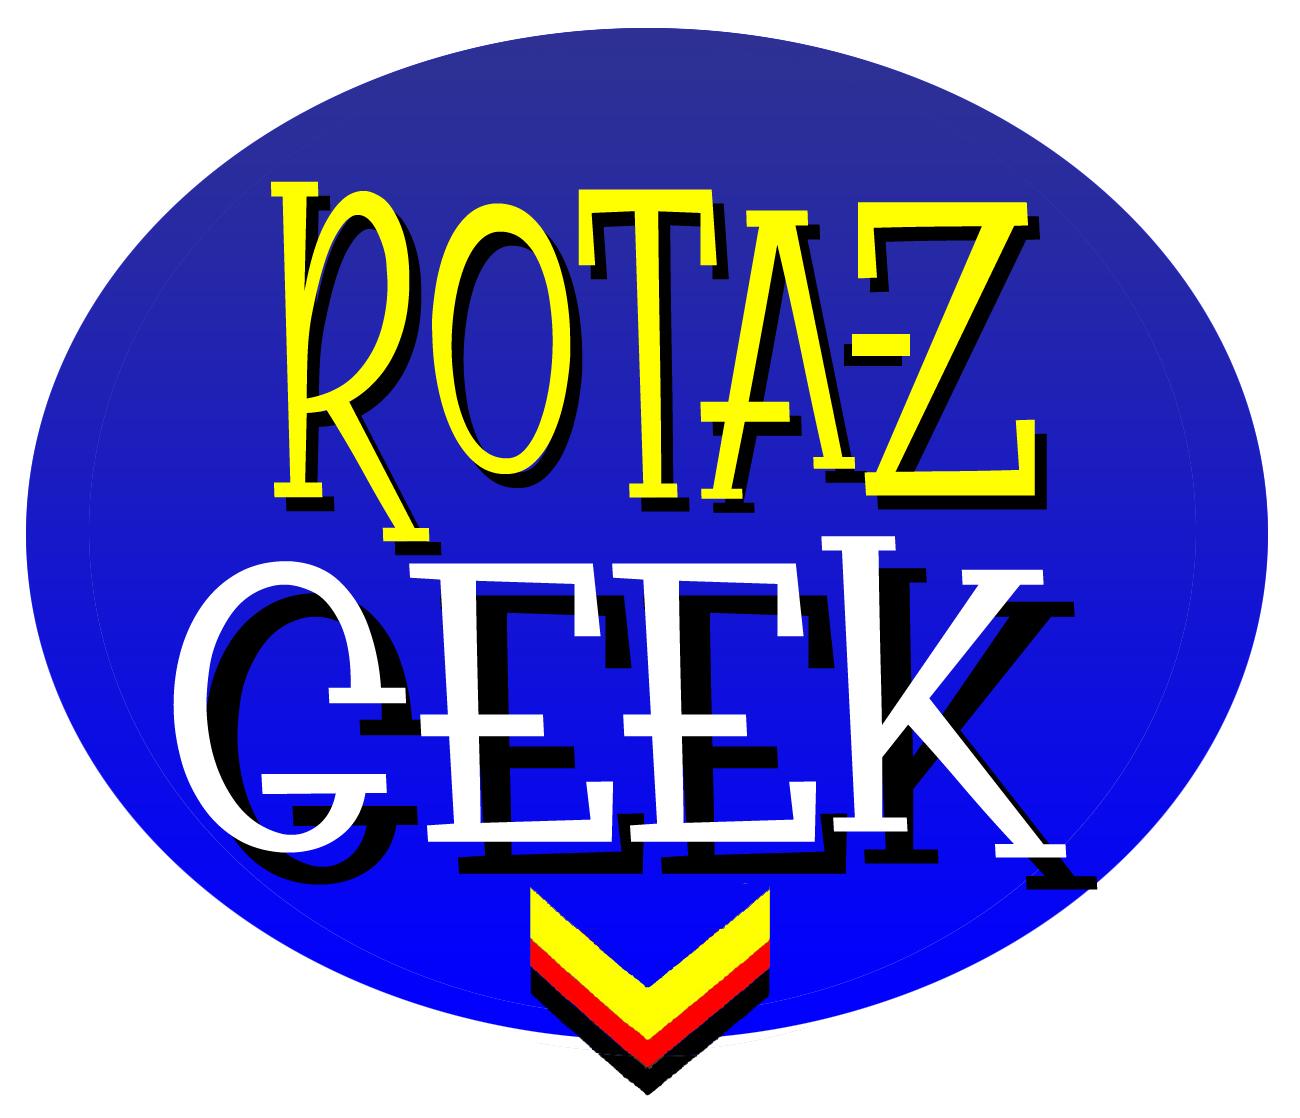 Rota Z Geek - Evento